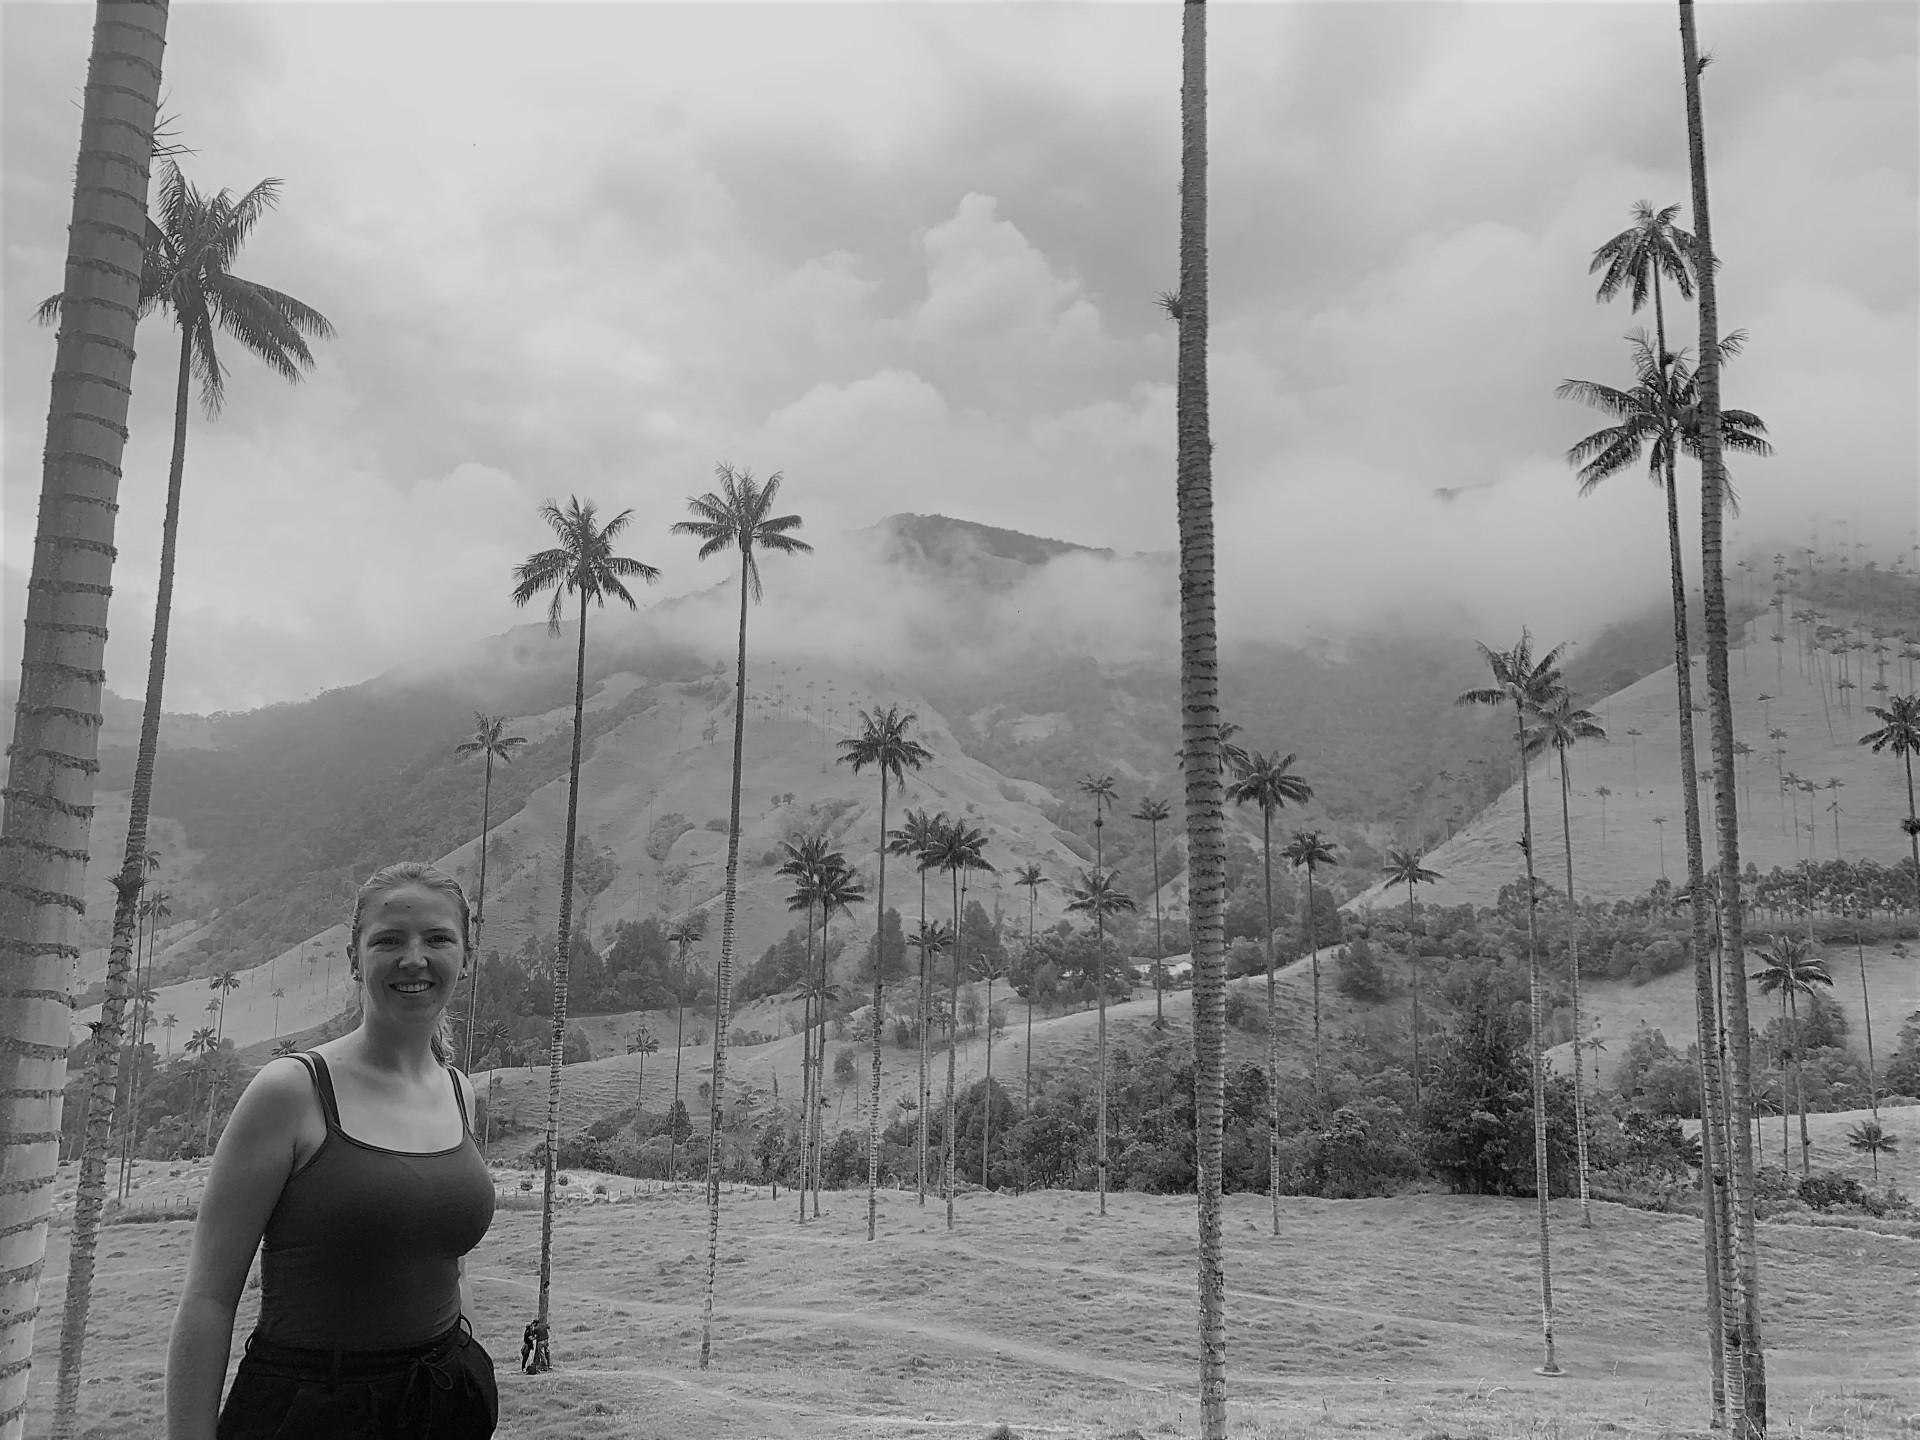 Reisspecialist Silvia van de Reep tussen de palmbomen